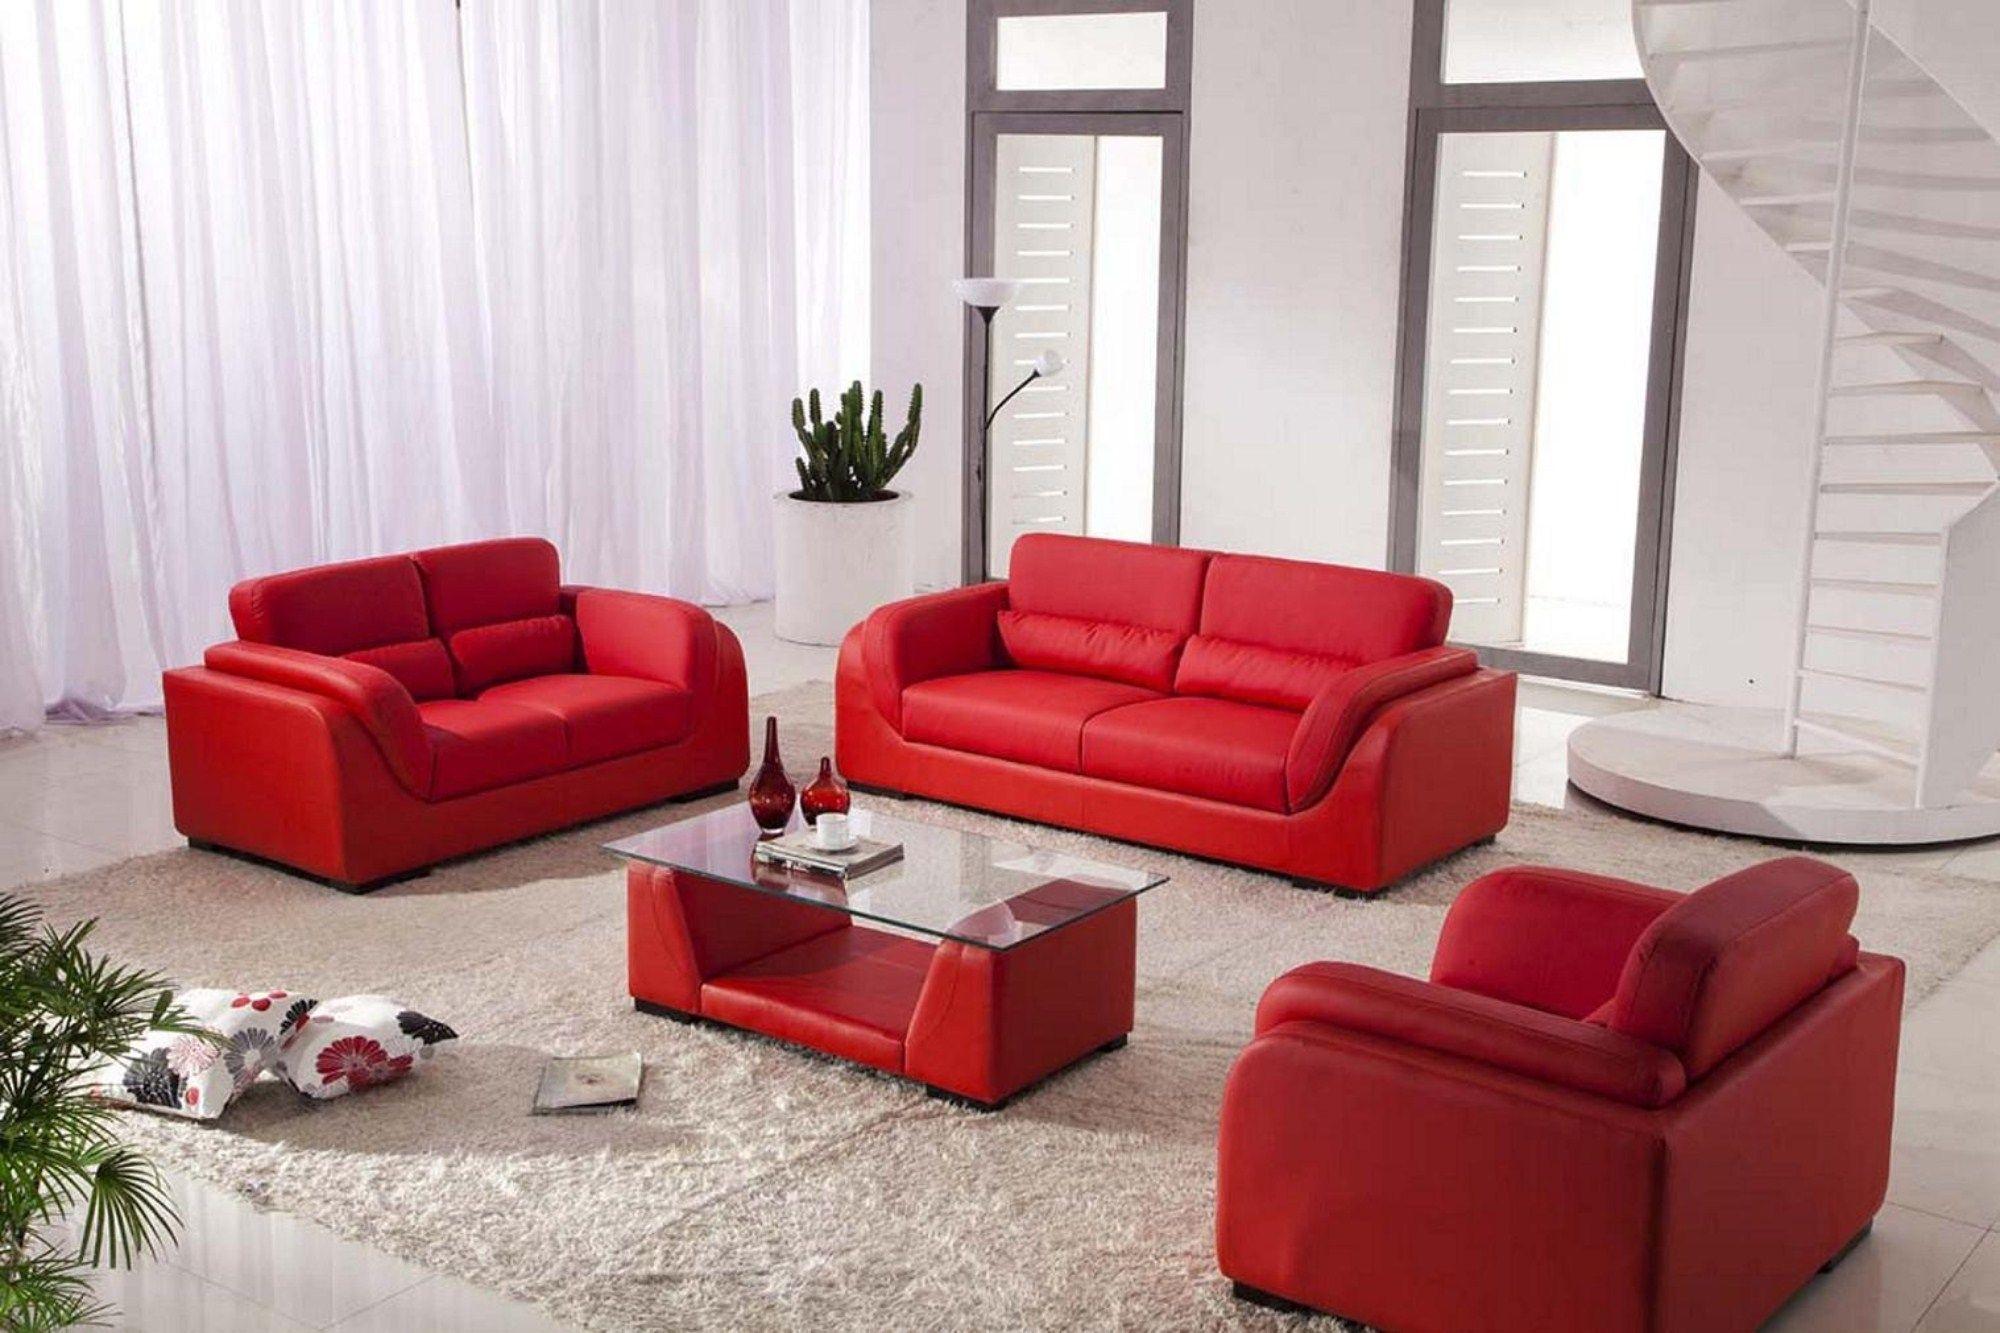 Erstaunlich Sofa Ideen Für Wohnzimmer | Rotes sofa, Bilder ...